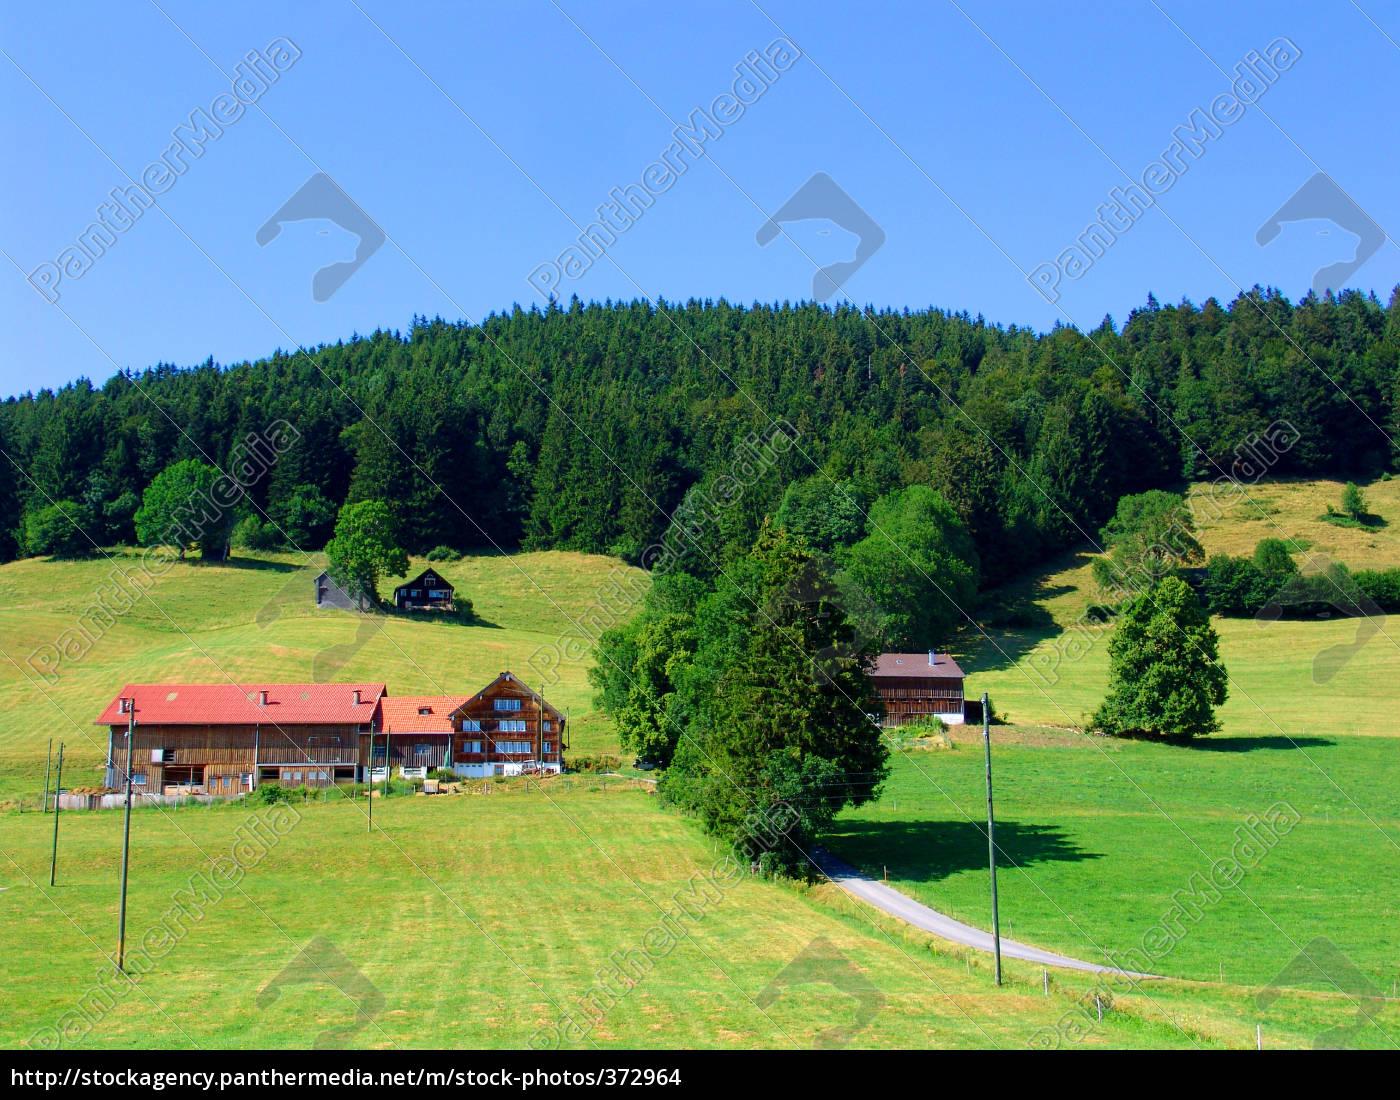 appenzellerland - 372964